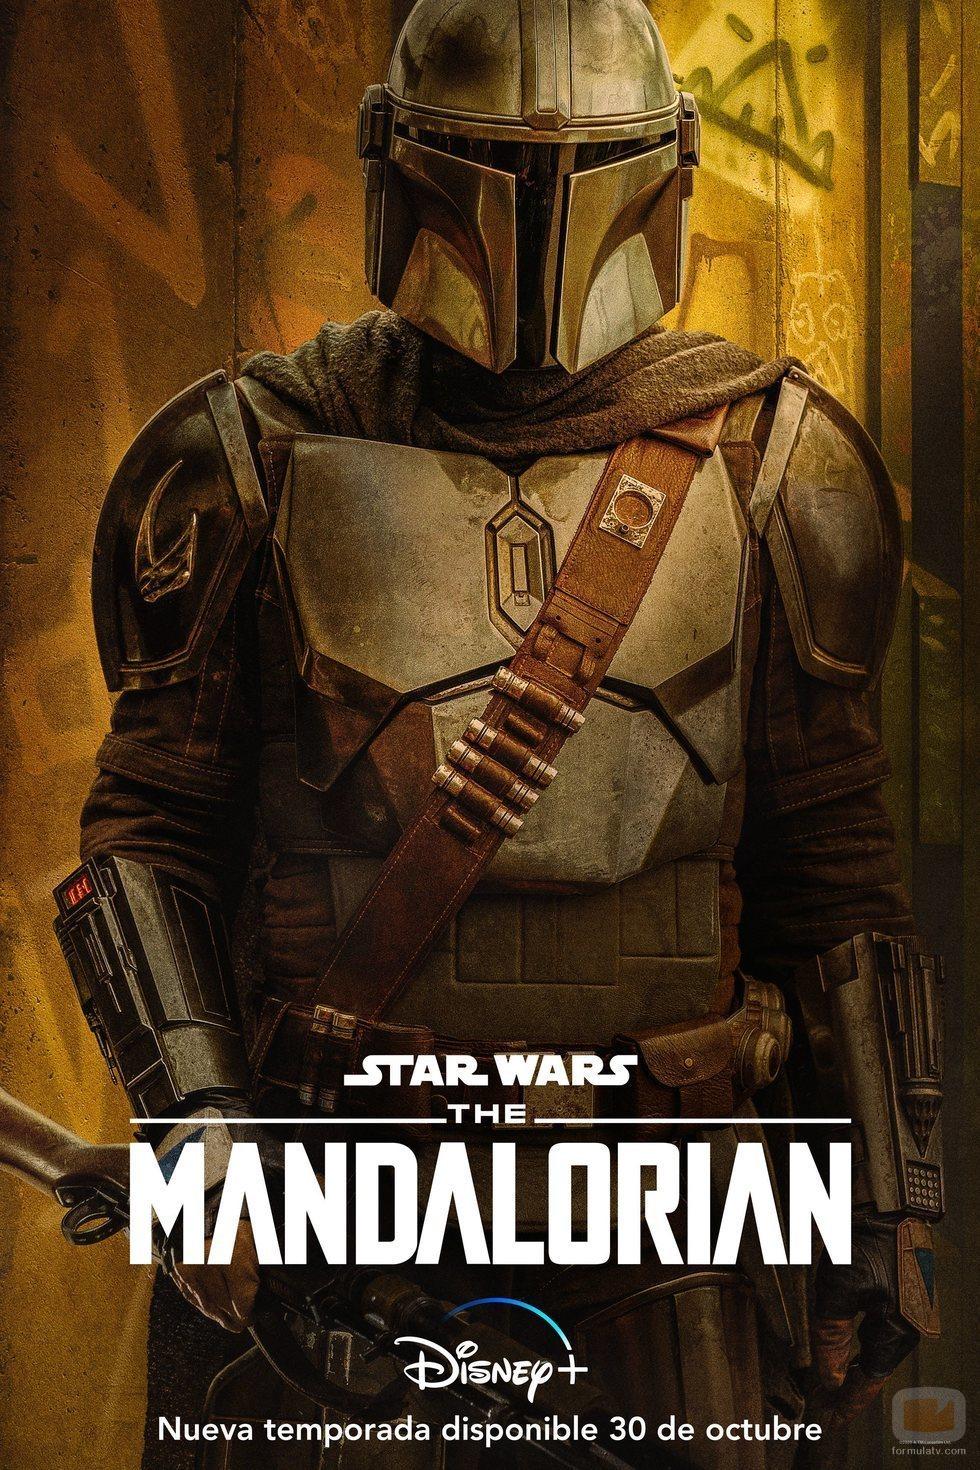 Cartel de 'The Mandalorian' (Temporada 2) con Mando